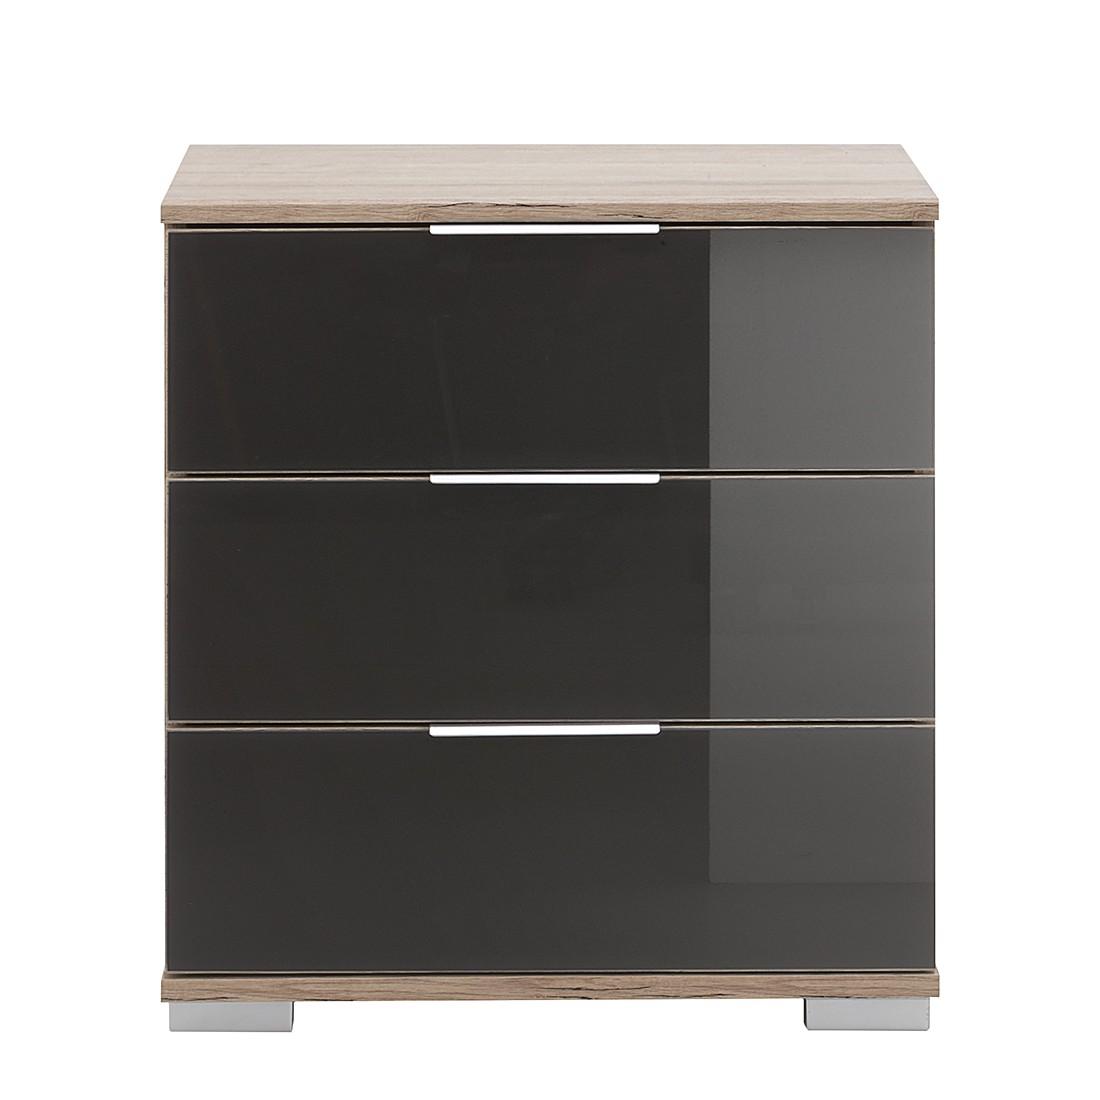 nachtkastje grijs kopen online internetwinkel. Black Bedroom Furniture Sets. Home Design Ideas